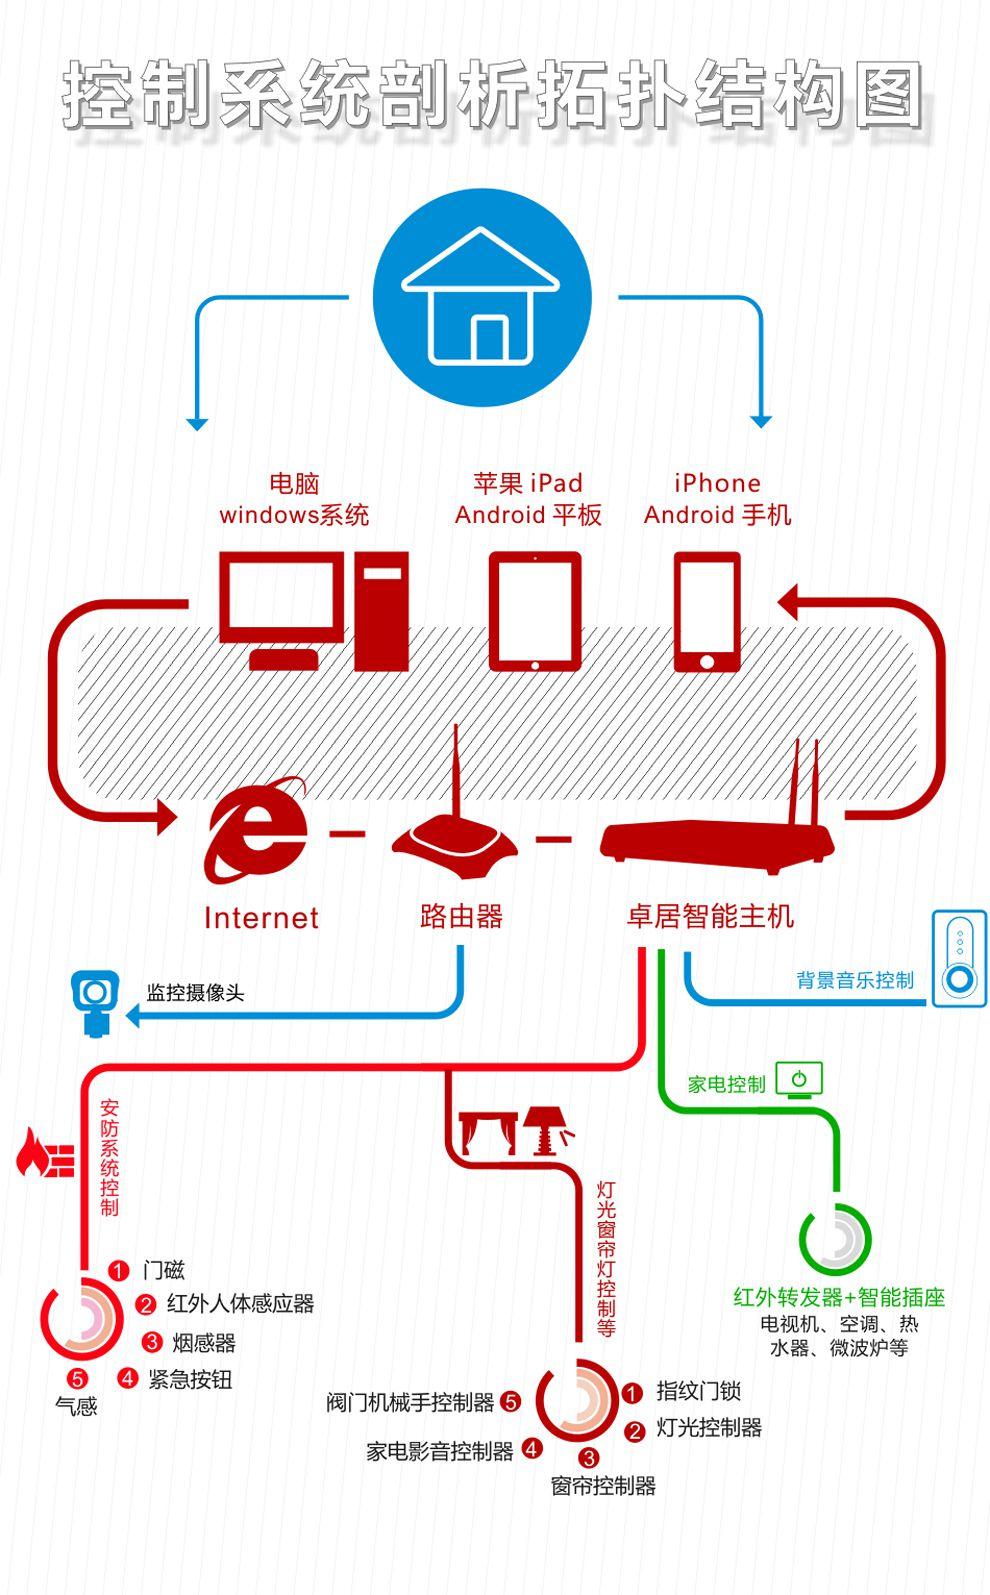 用户可通过触摸屏,无线遥控器,智能开关,上网设备在家里或